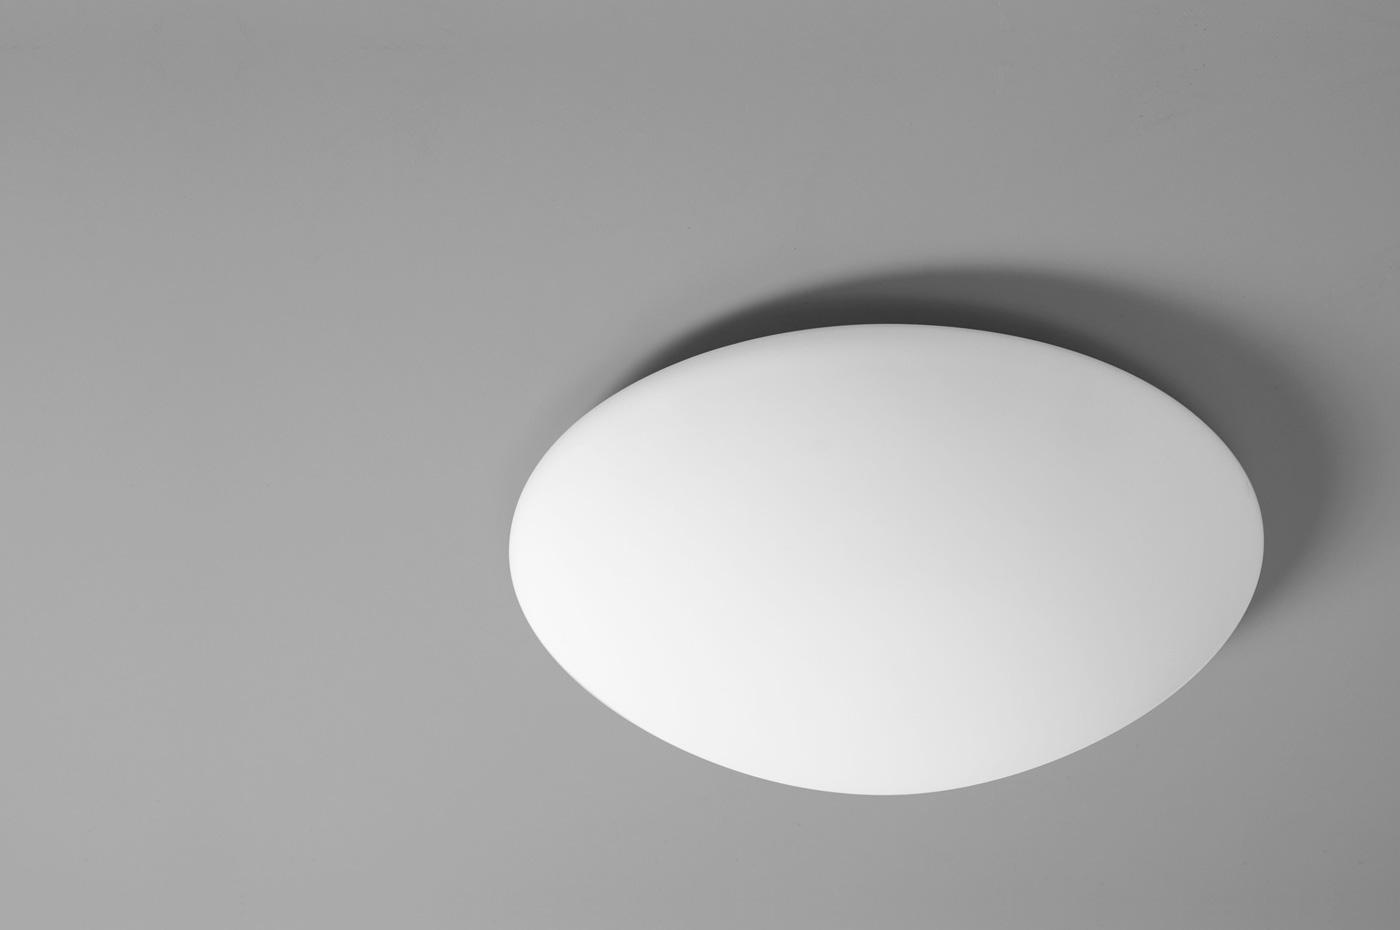 Plafoniera Per Bagno A Led : Ceiling info bagno design arredobagno arredamento